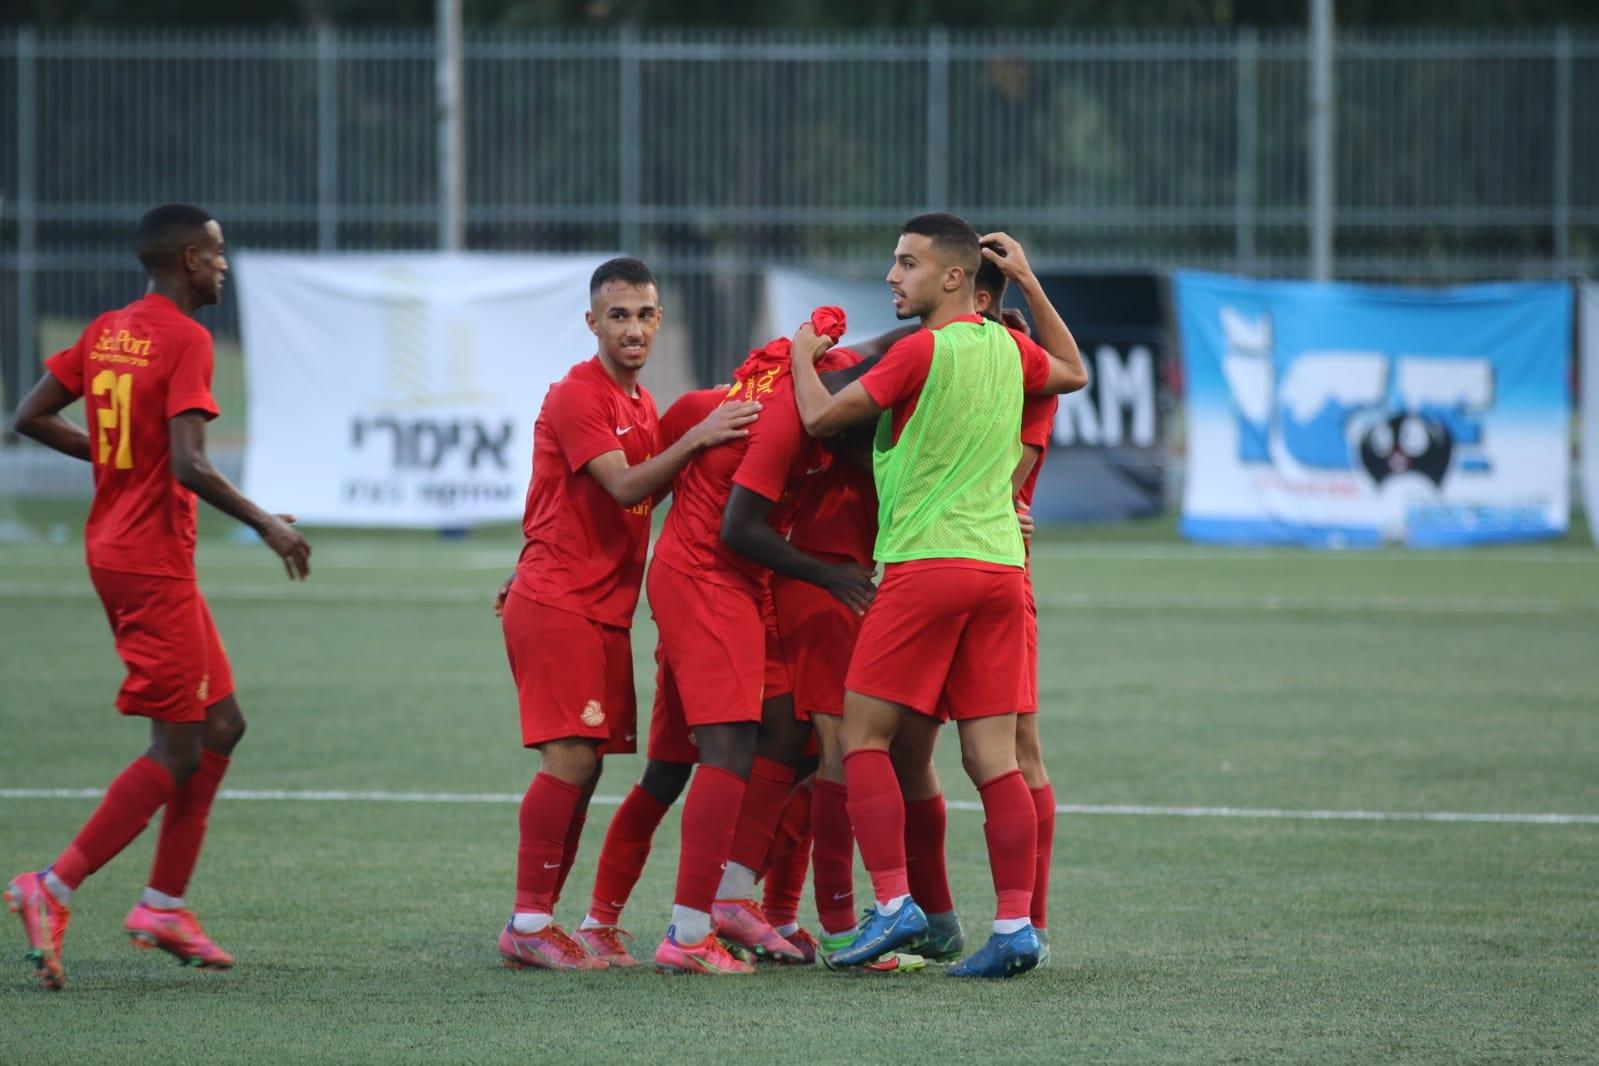 בתוספת הזמן: 1-2 דרמטי לקבוצת הנוער על עירוני נשר